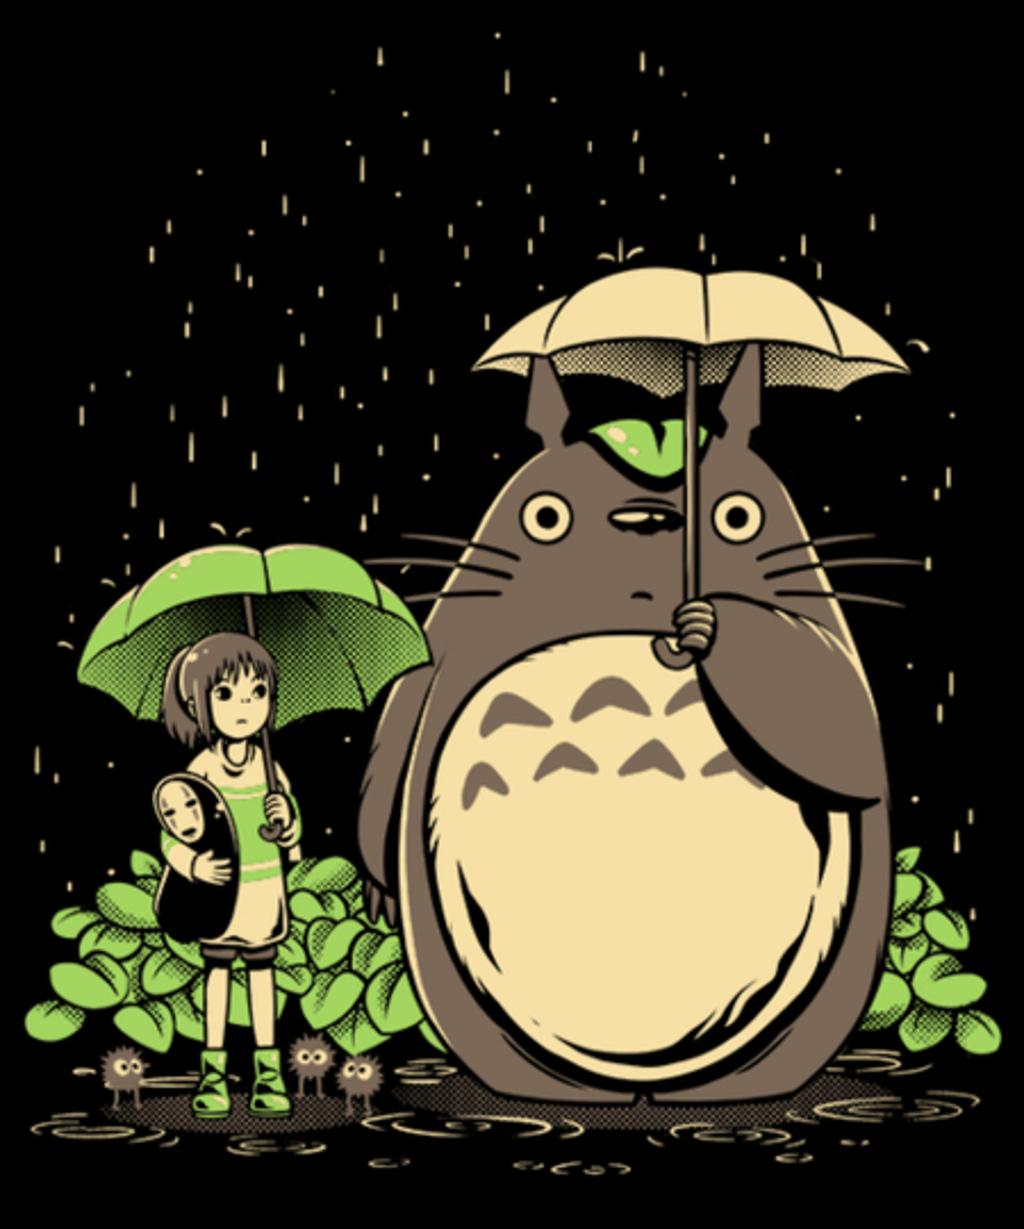 Qwertee: Chihiro and Totoro